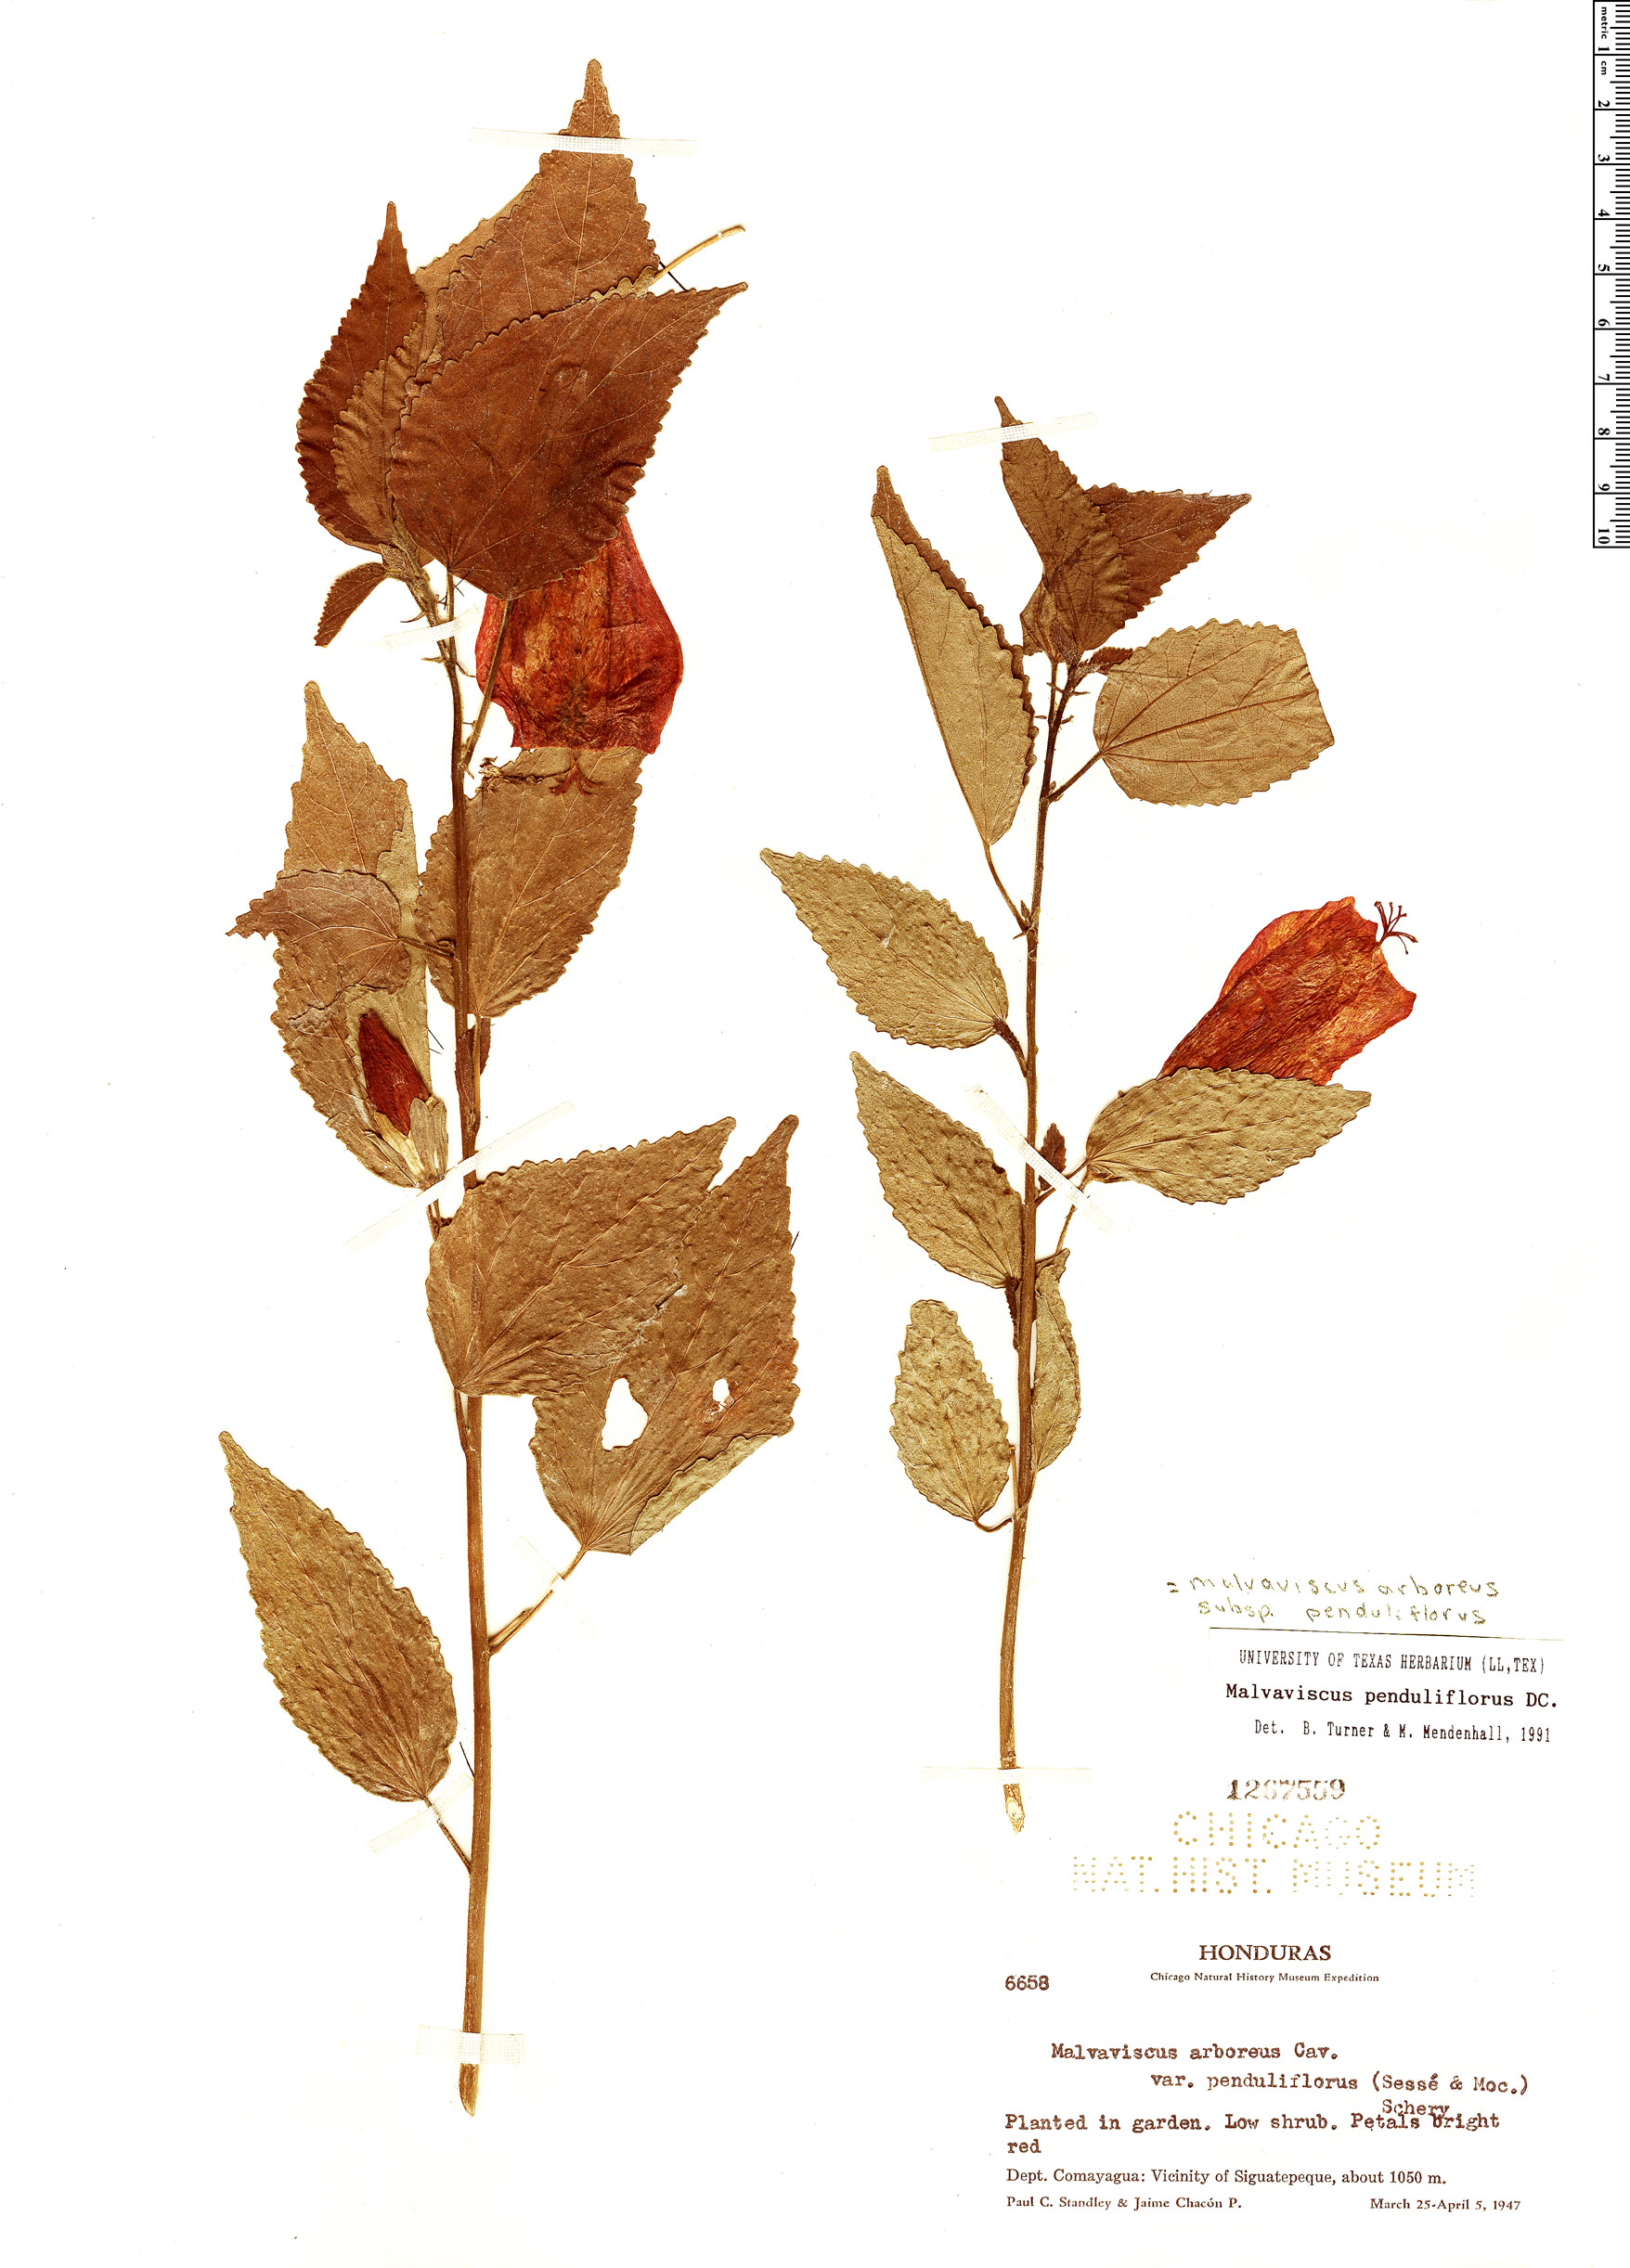 Specimen: Malvaviscus arboreus